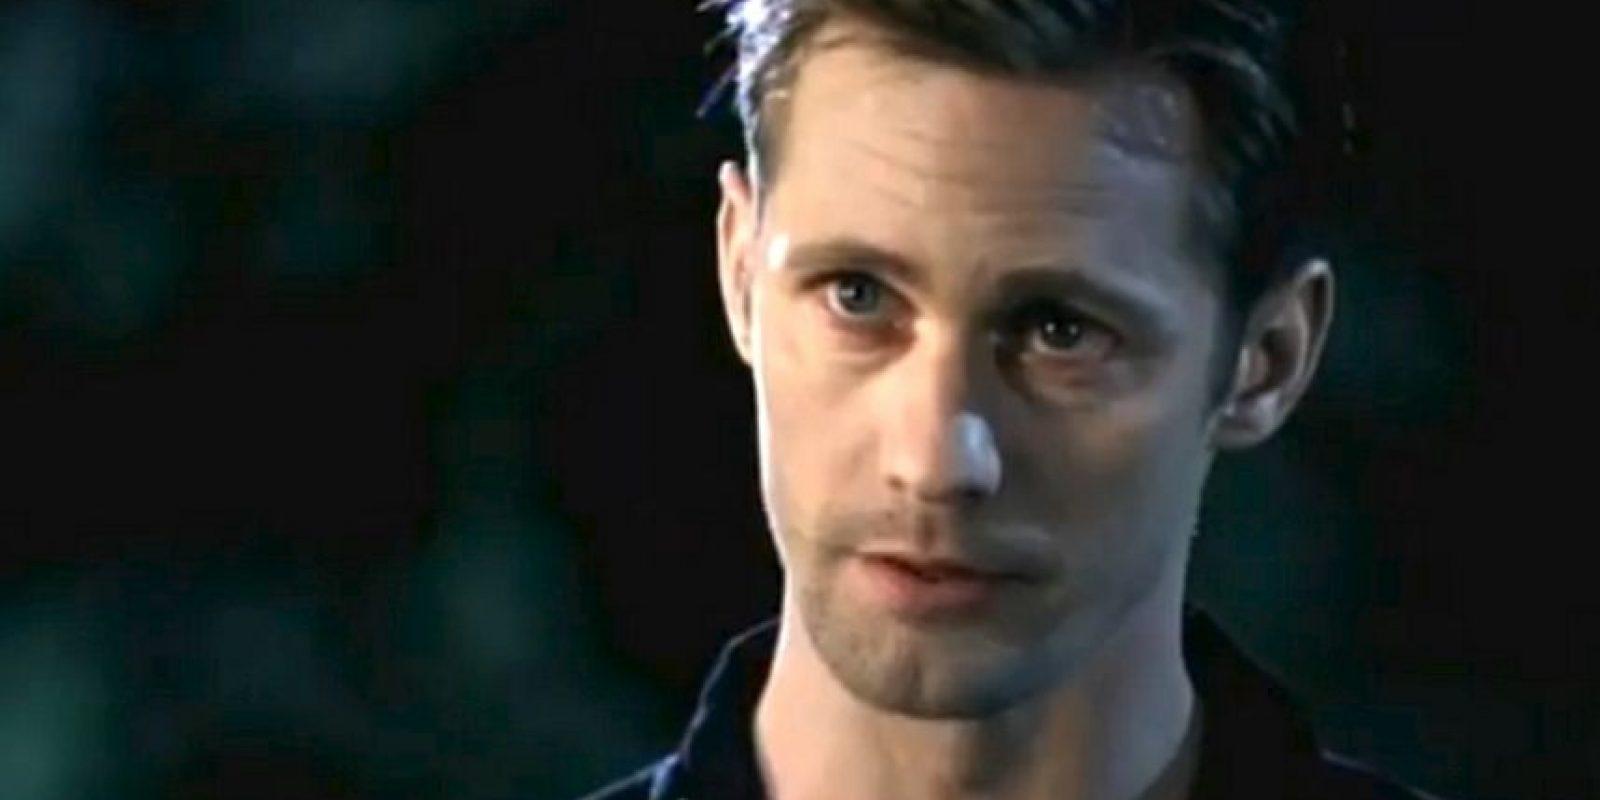 Es fuerte, frío, oscuro, pero un personaje inquebrantable. Foto:HBO